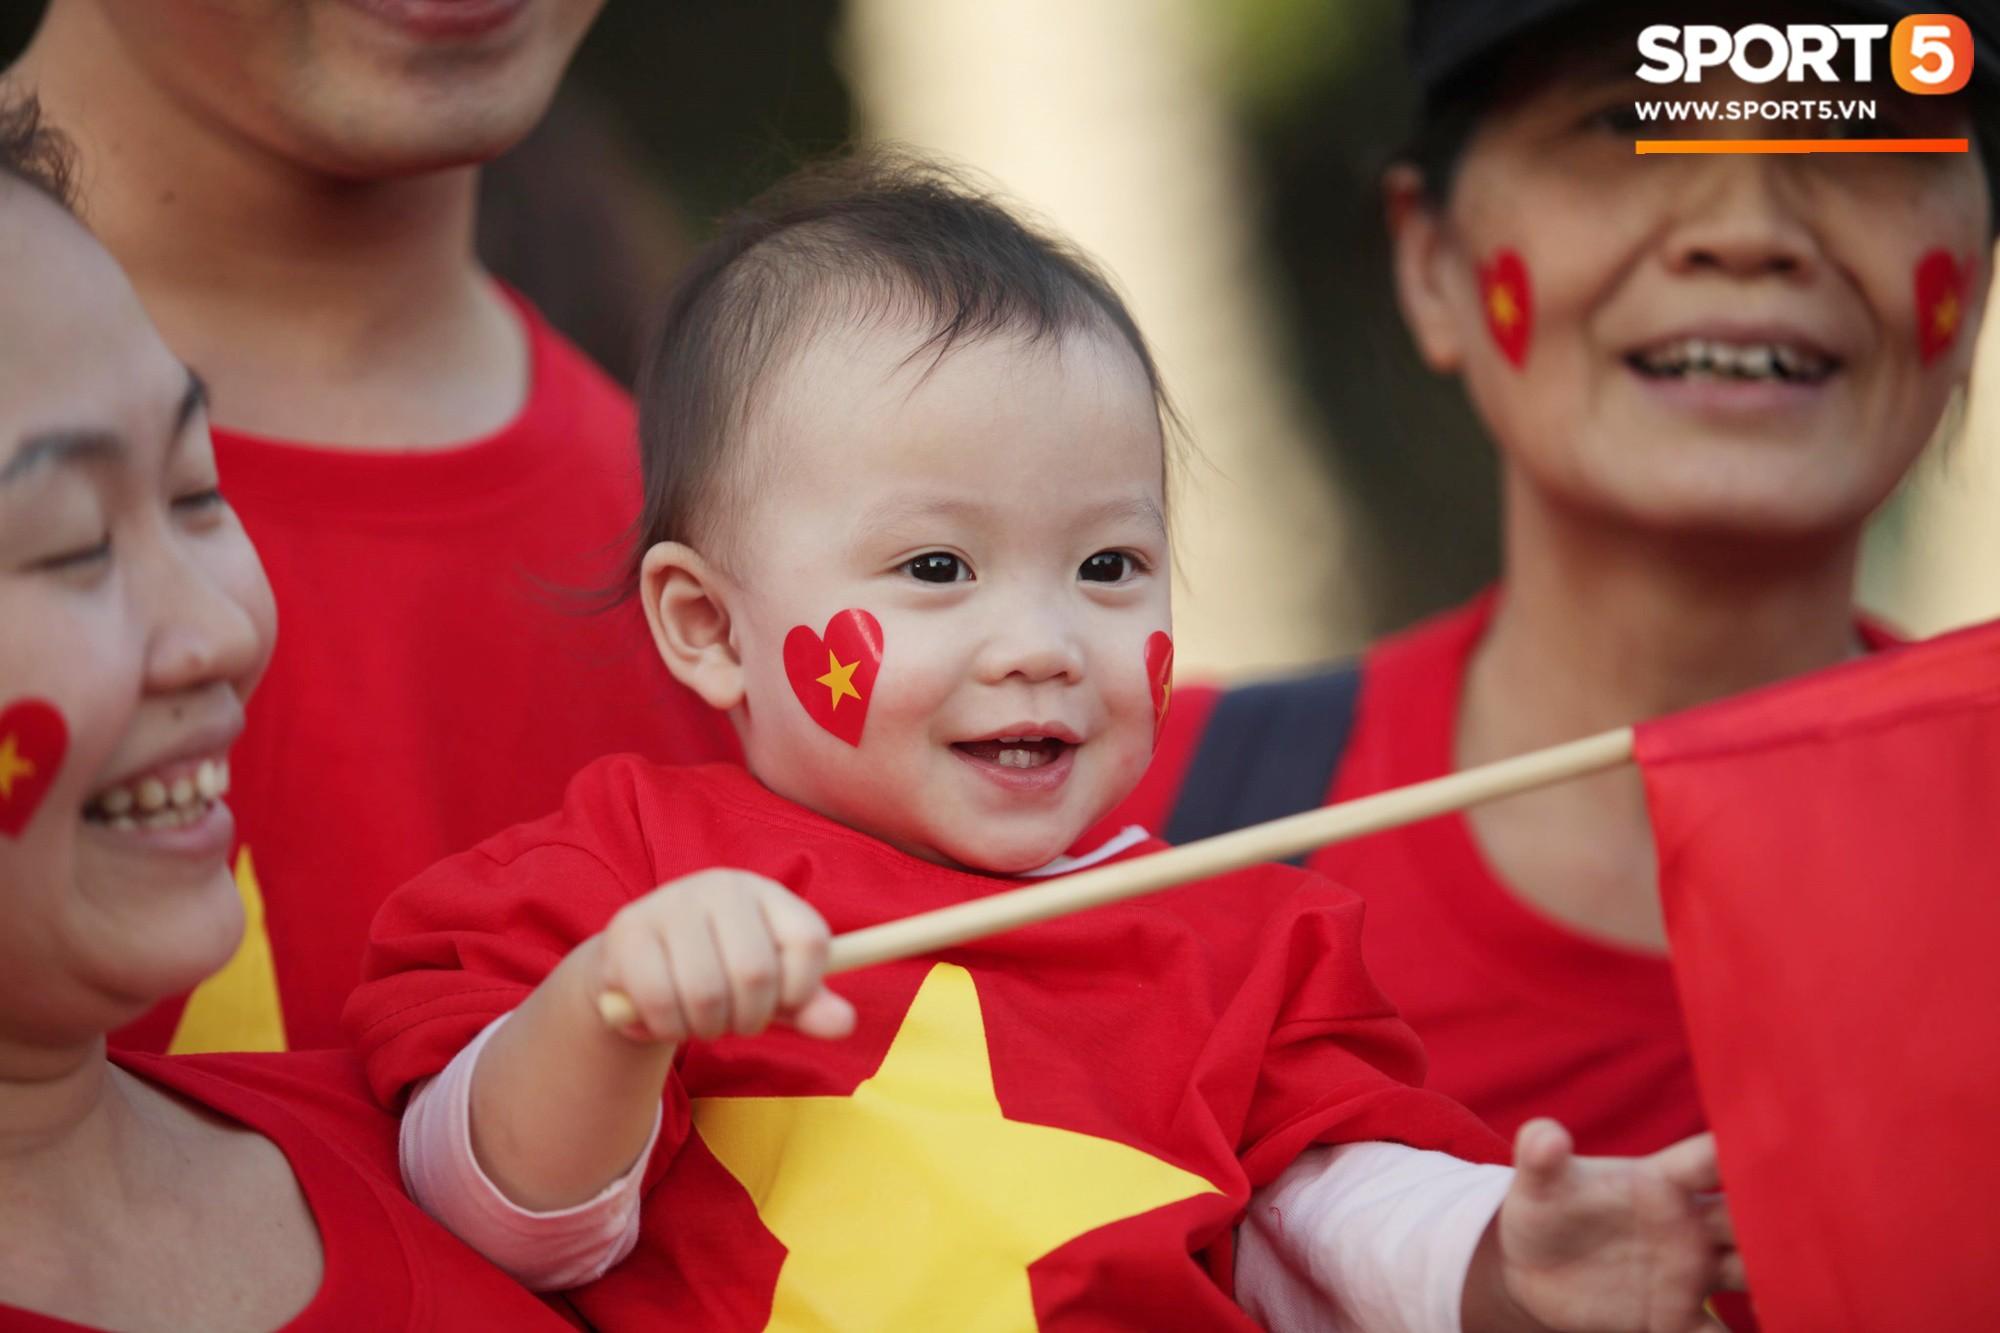 Dàn fangirl xinh đẹp tiếp lửa cho đội tuyển Việt Nam trước trận gặp Iraq-9